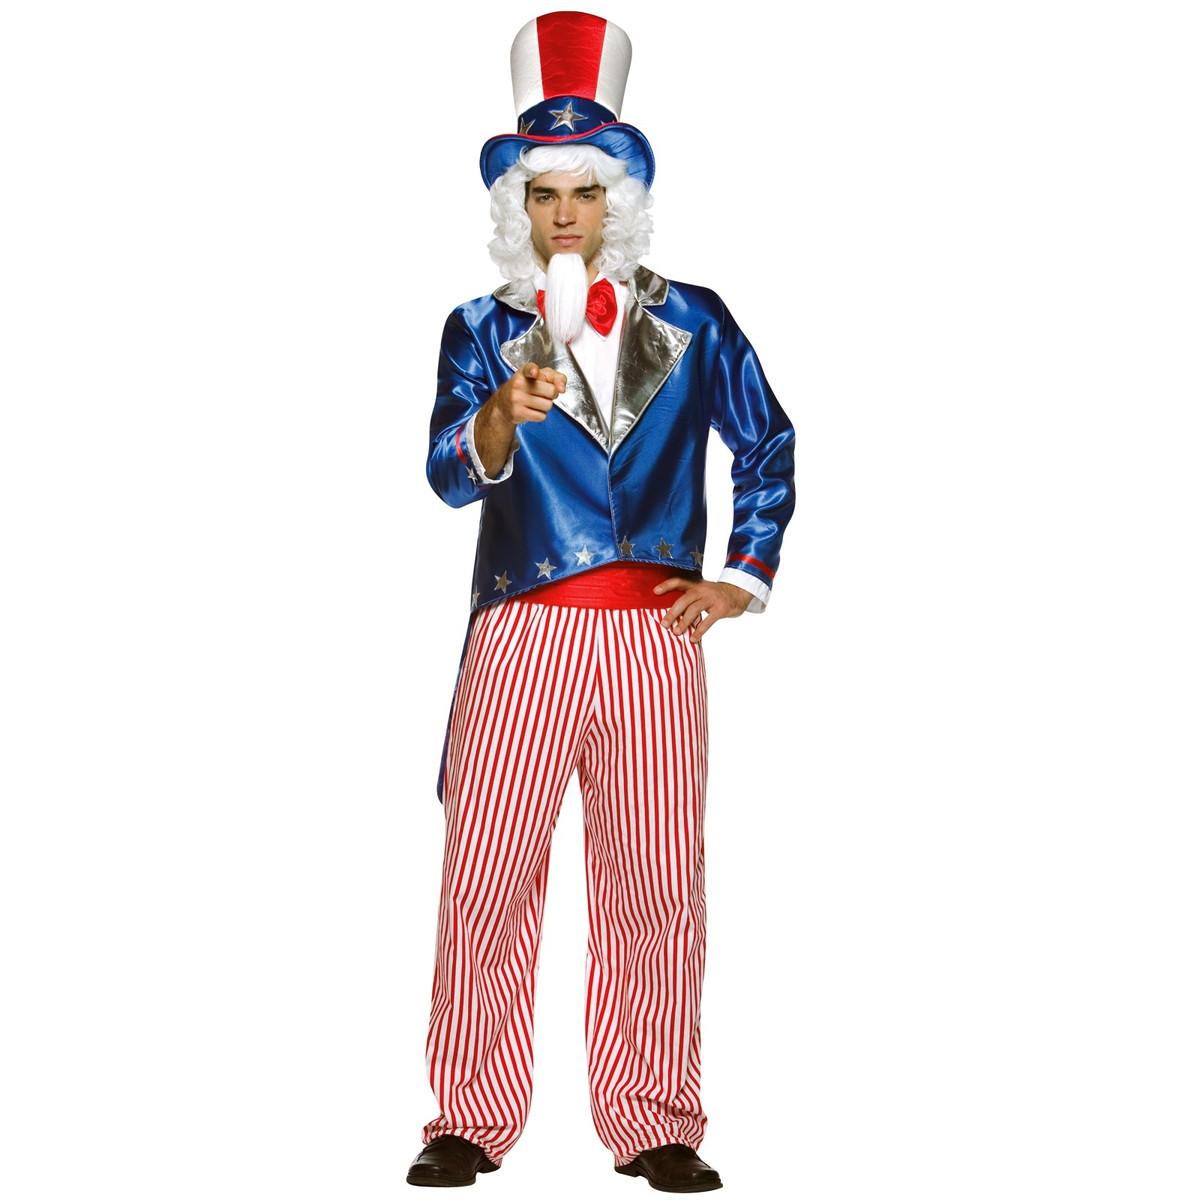 ハロウィン プレゼント アンクル・サム コスプレ 衣装・コスチューム アメリカ合衆国 大人用コスチューム